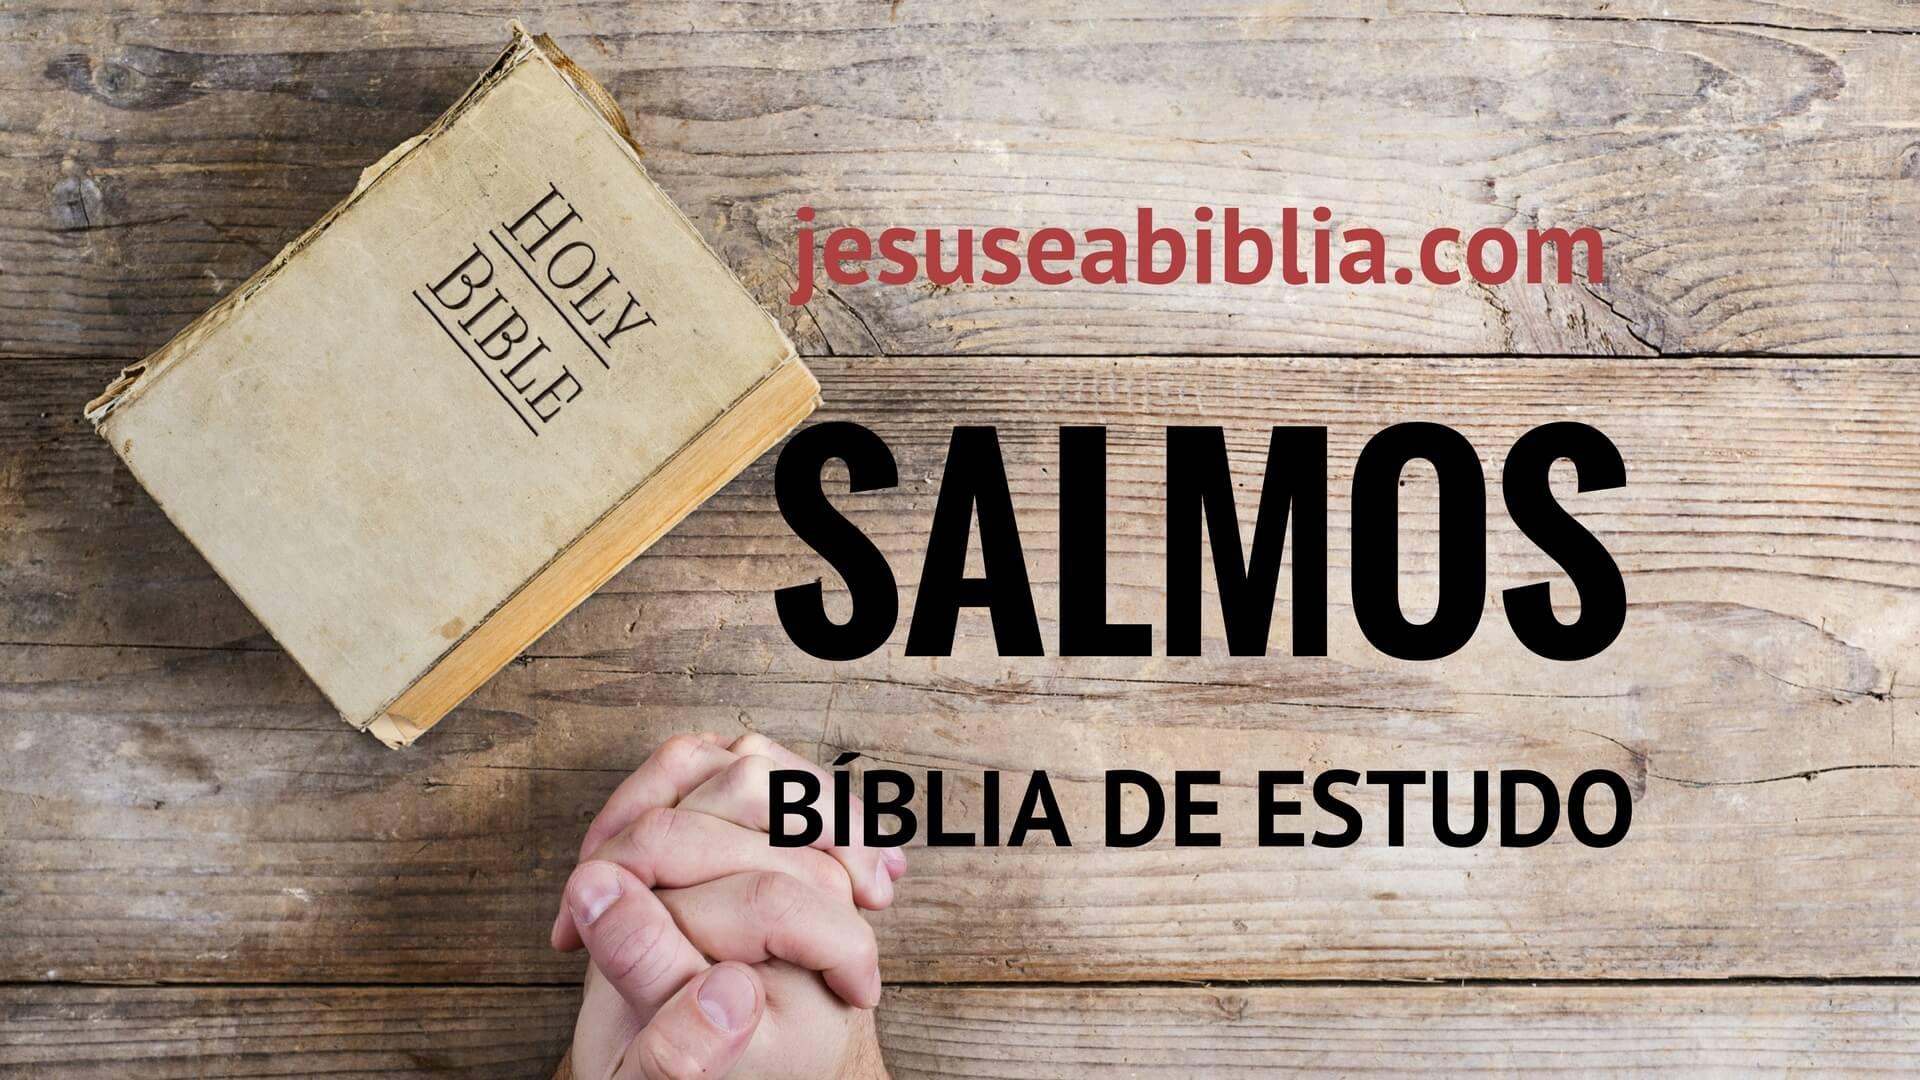 Salmos - Bíblia de Estudo Online